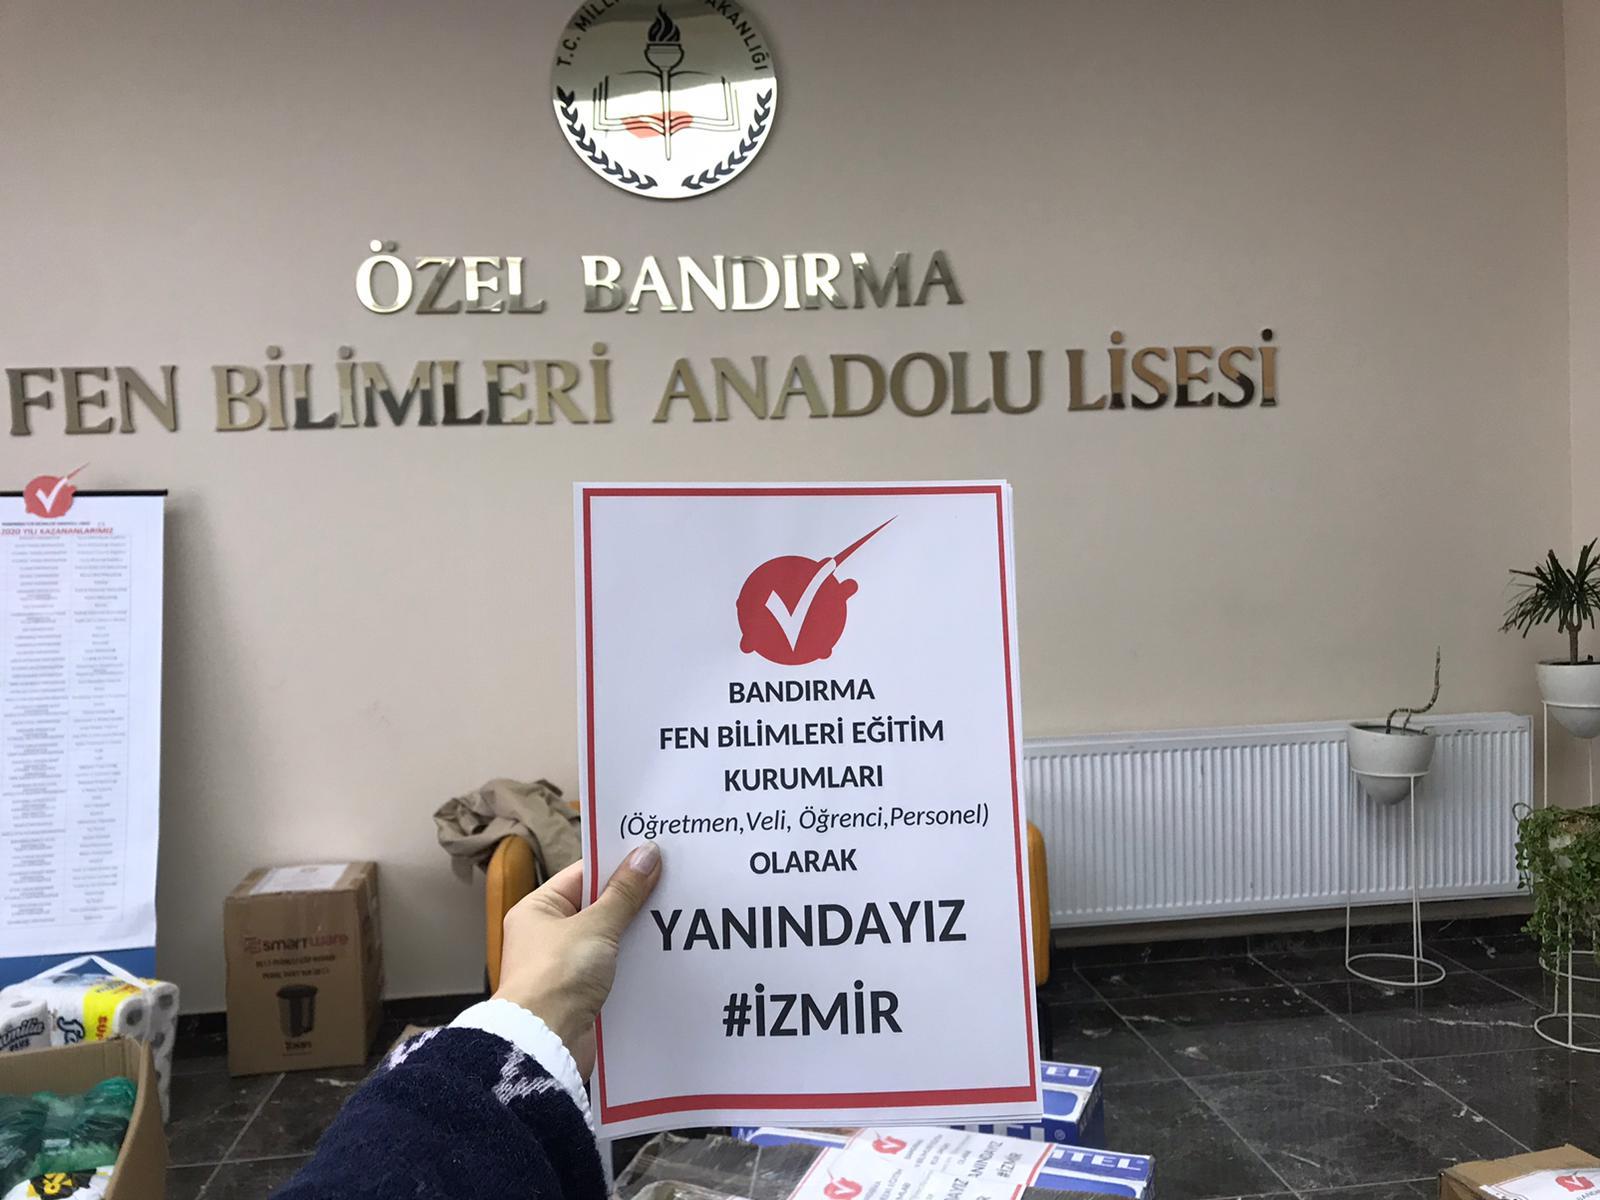 FEN BİLİMLERİ ÖĞRENCİLERİ DE İZMİR'İN YANINDA